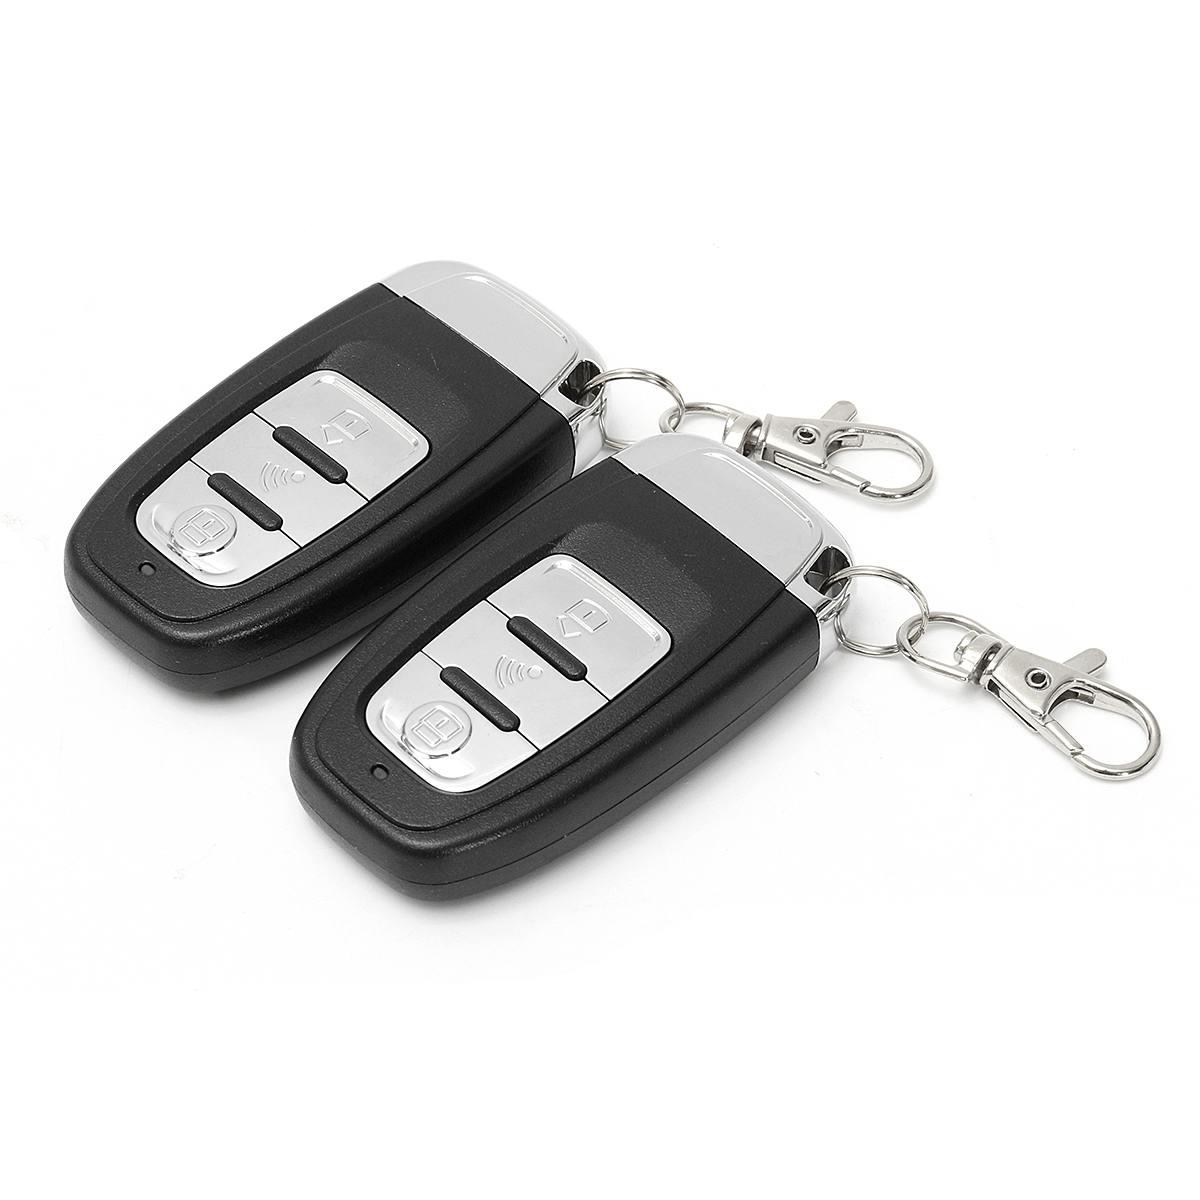 Arrêt de démarrage du moteur de voiture Audew SUV entrée sans clé système d'alarme de démarrage du moteur bouton poussoir arrêt du démarreur à distance accessoires Auto de voiture - 4